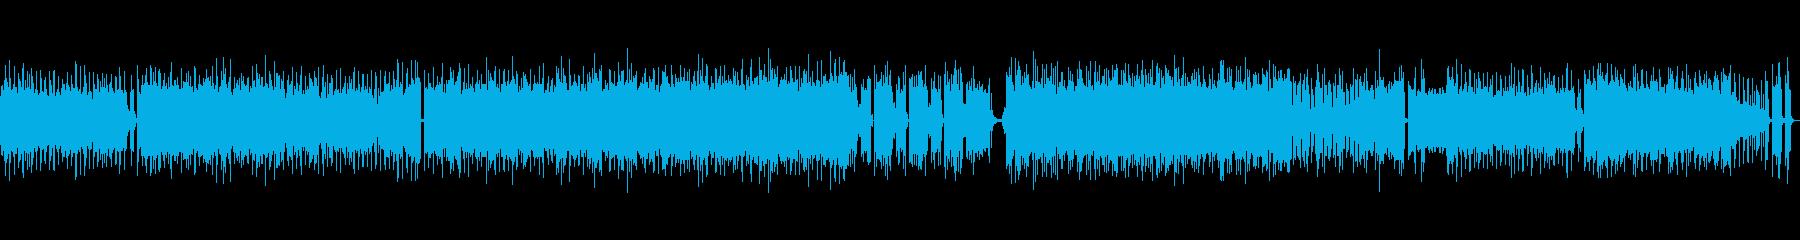 オーケストラロックアップループ曲企業VPの再生済みの波形